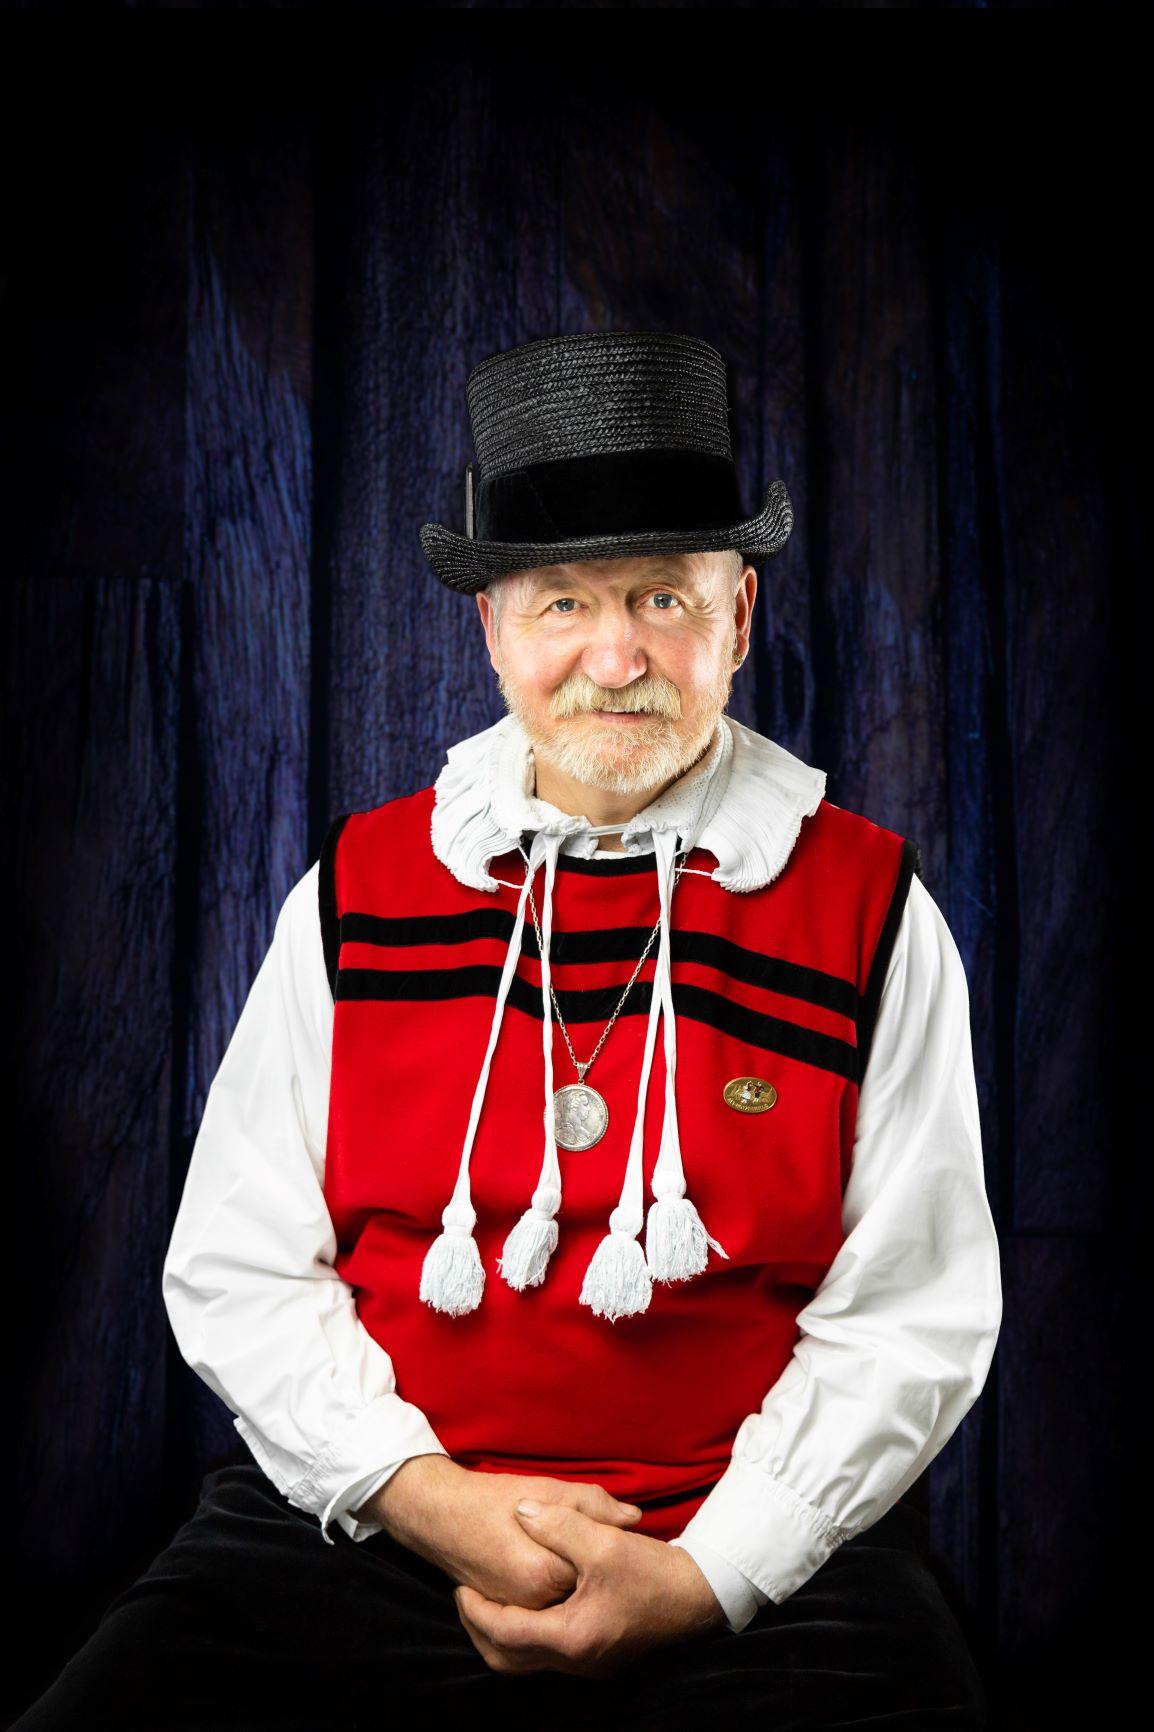 Ein Herr in der traditionellen Ibacher Tracht